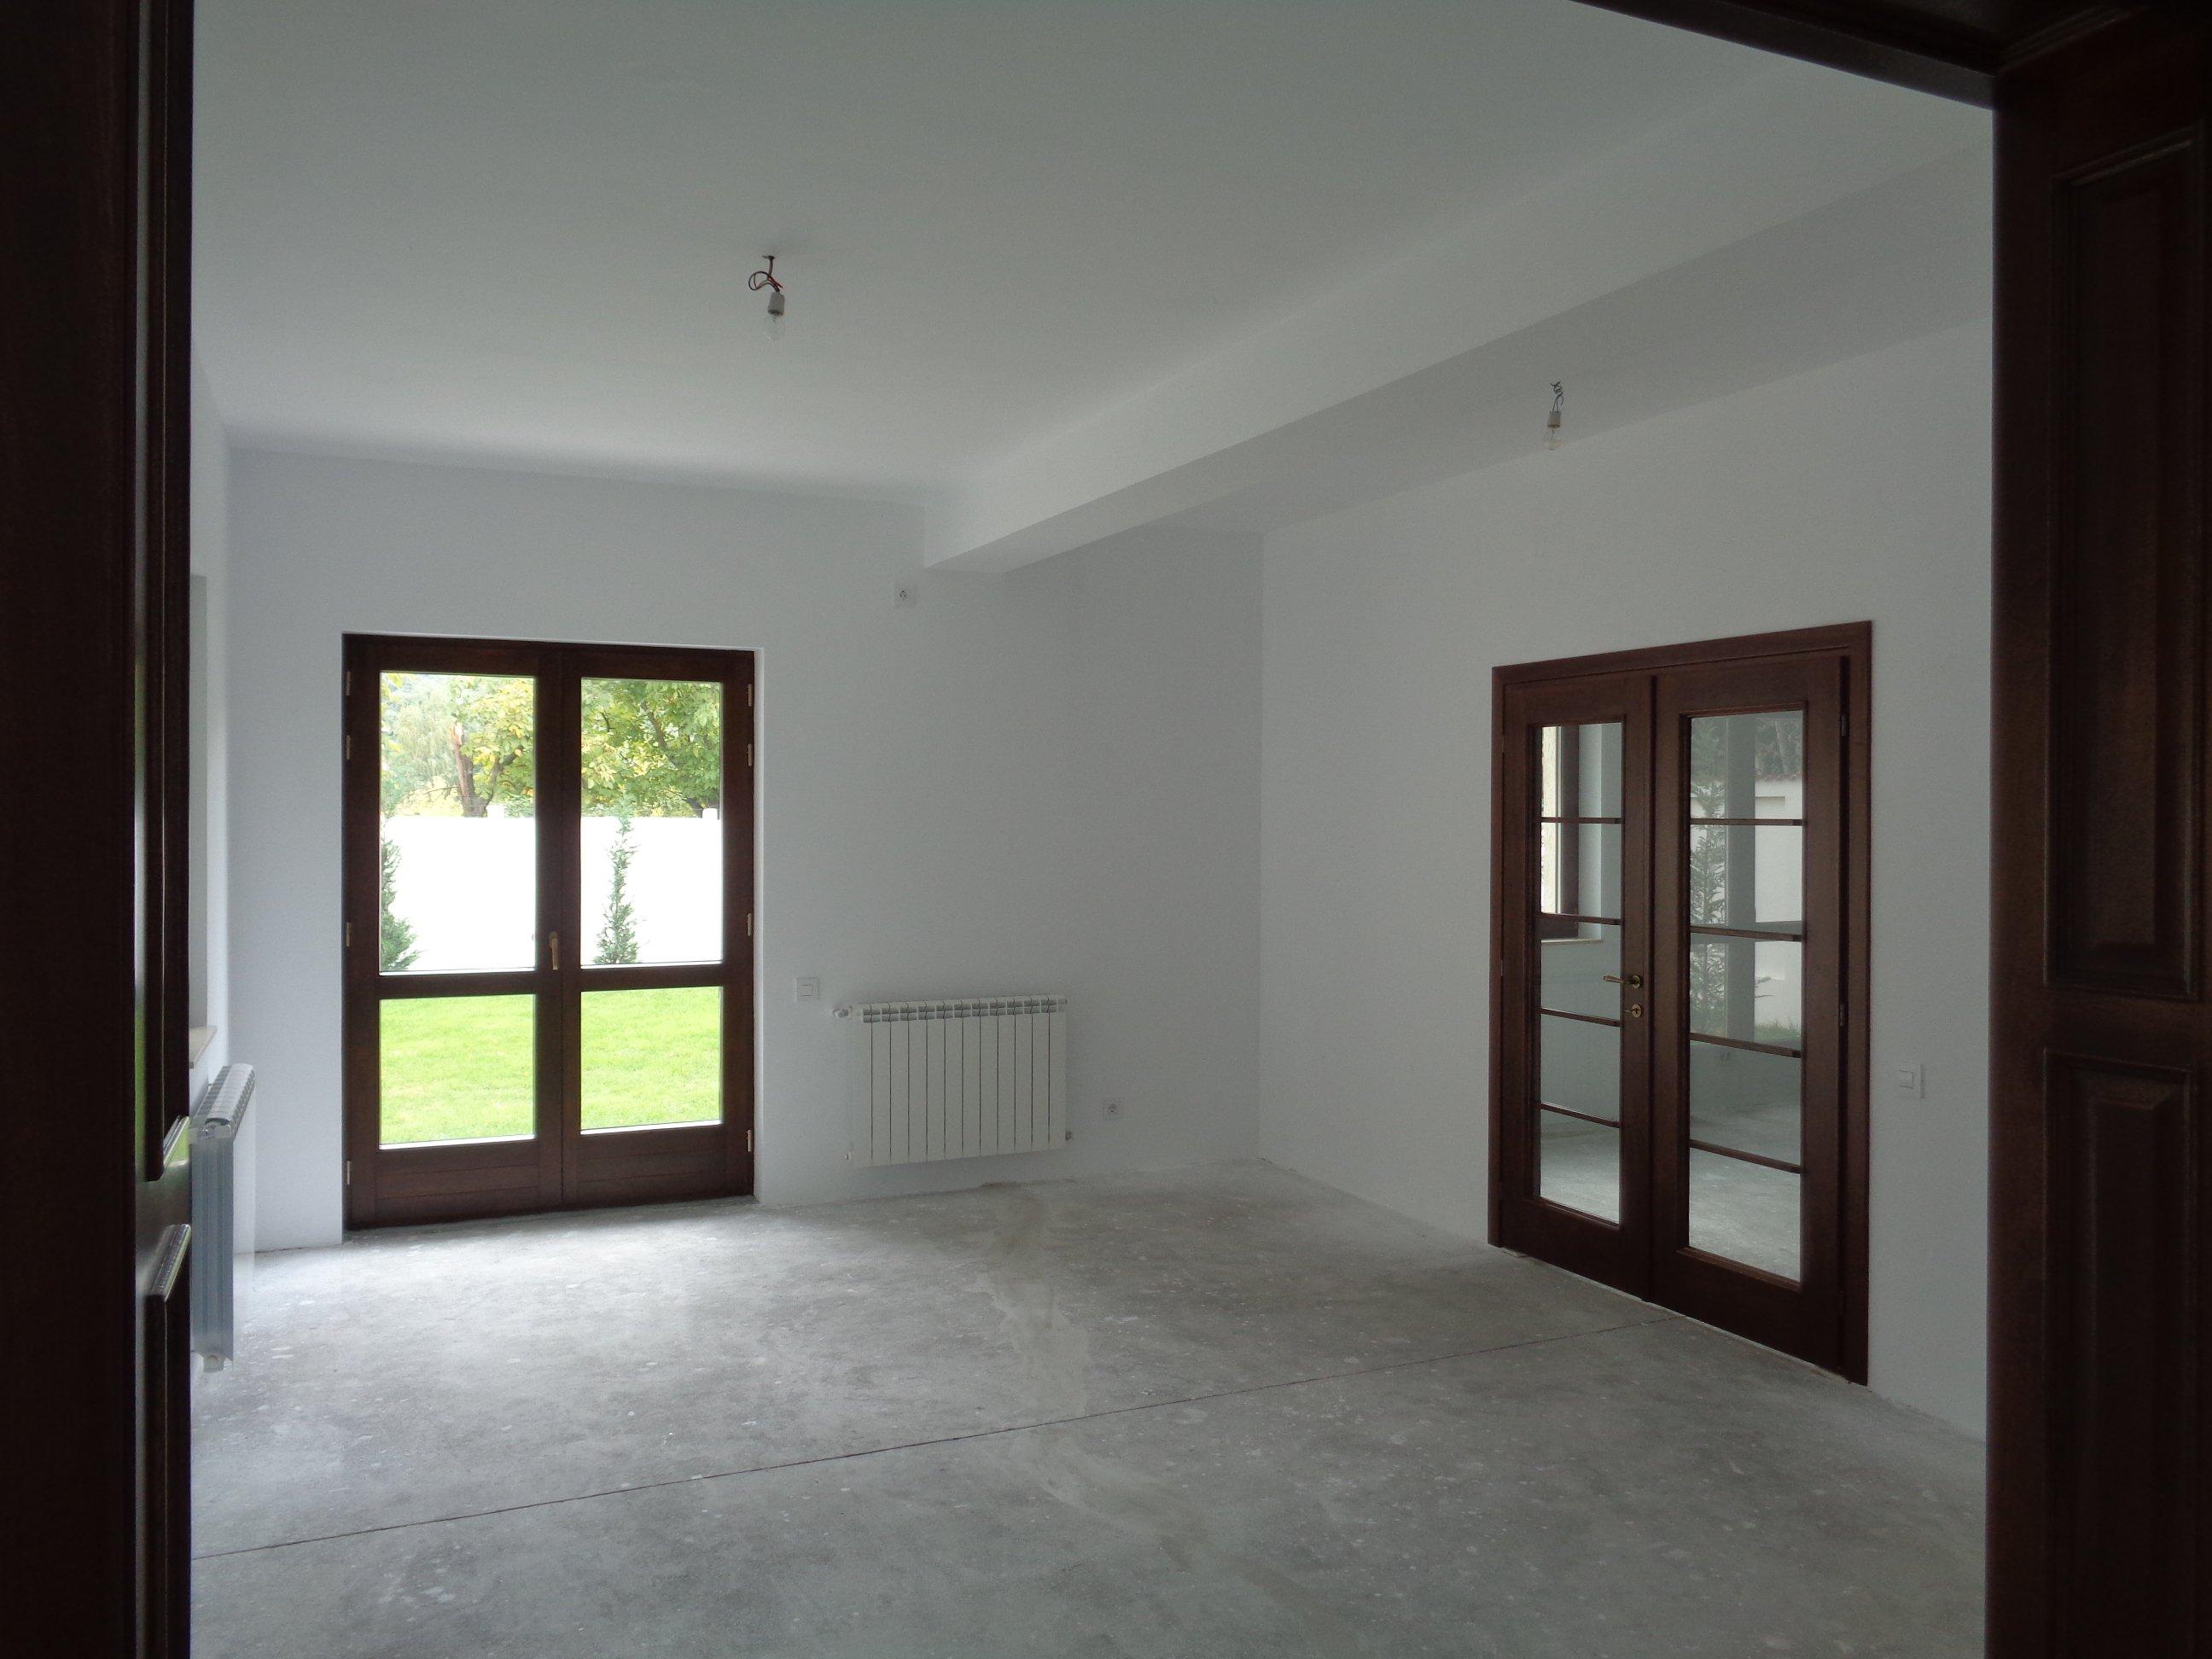 Baneasa-casa-de-vanzare-complex-Realitatea-interioare-www.bcsimobiliare.ro